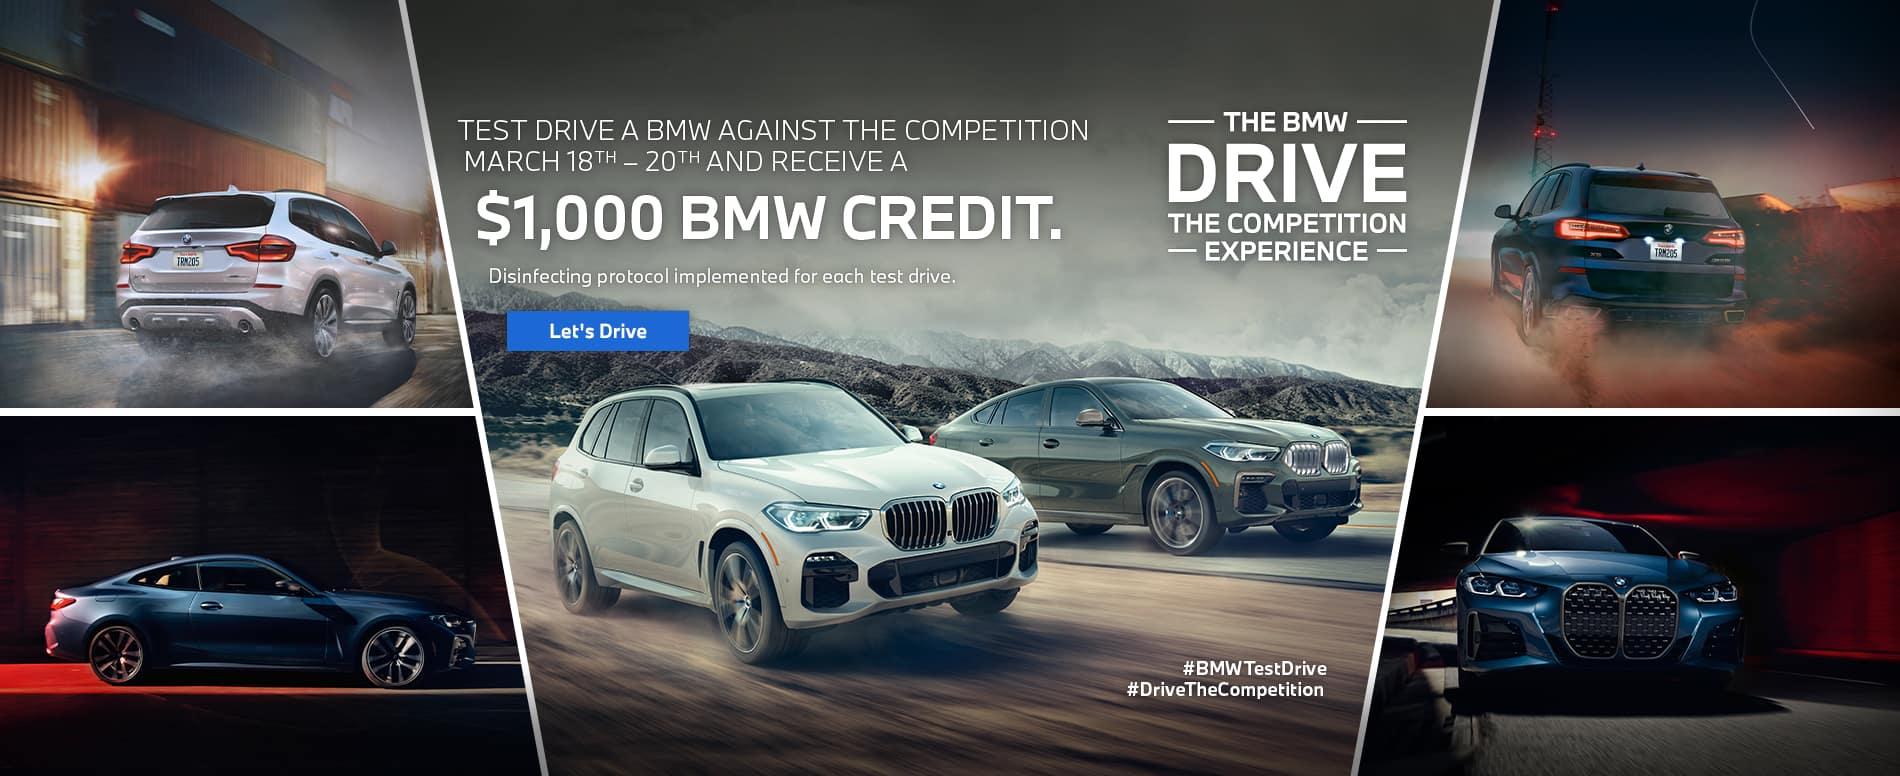 PUSH_BMW_Drive_the_Competition_SR_1900x776_Desktop (1)